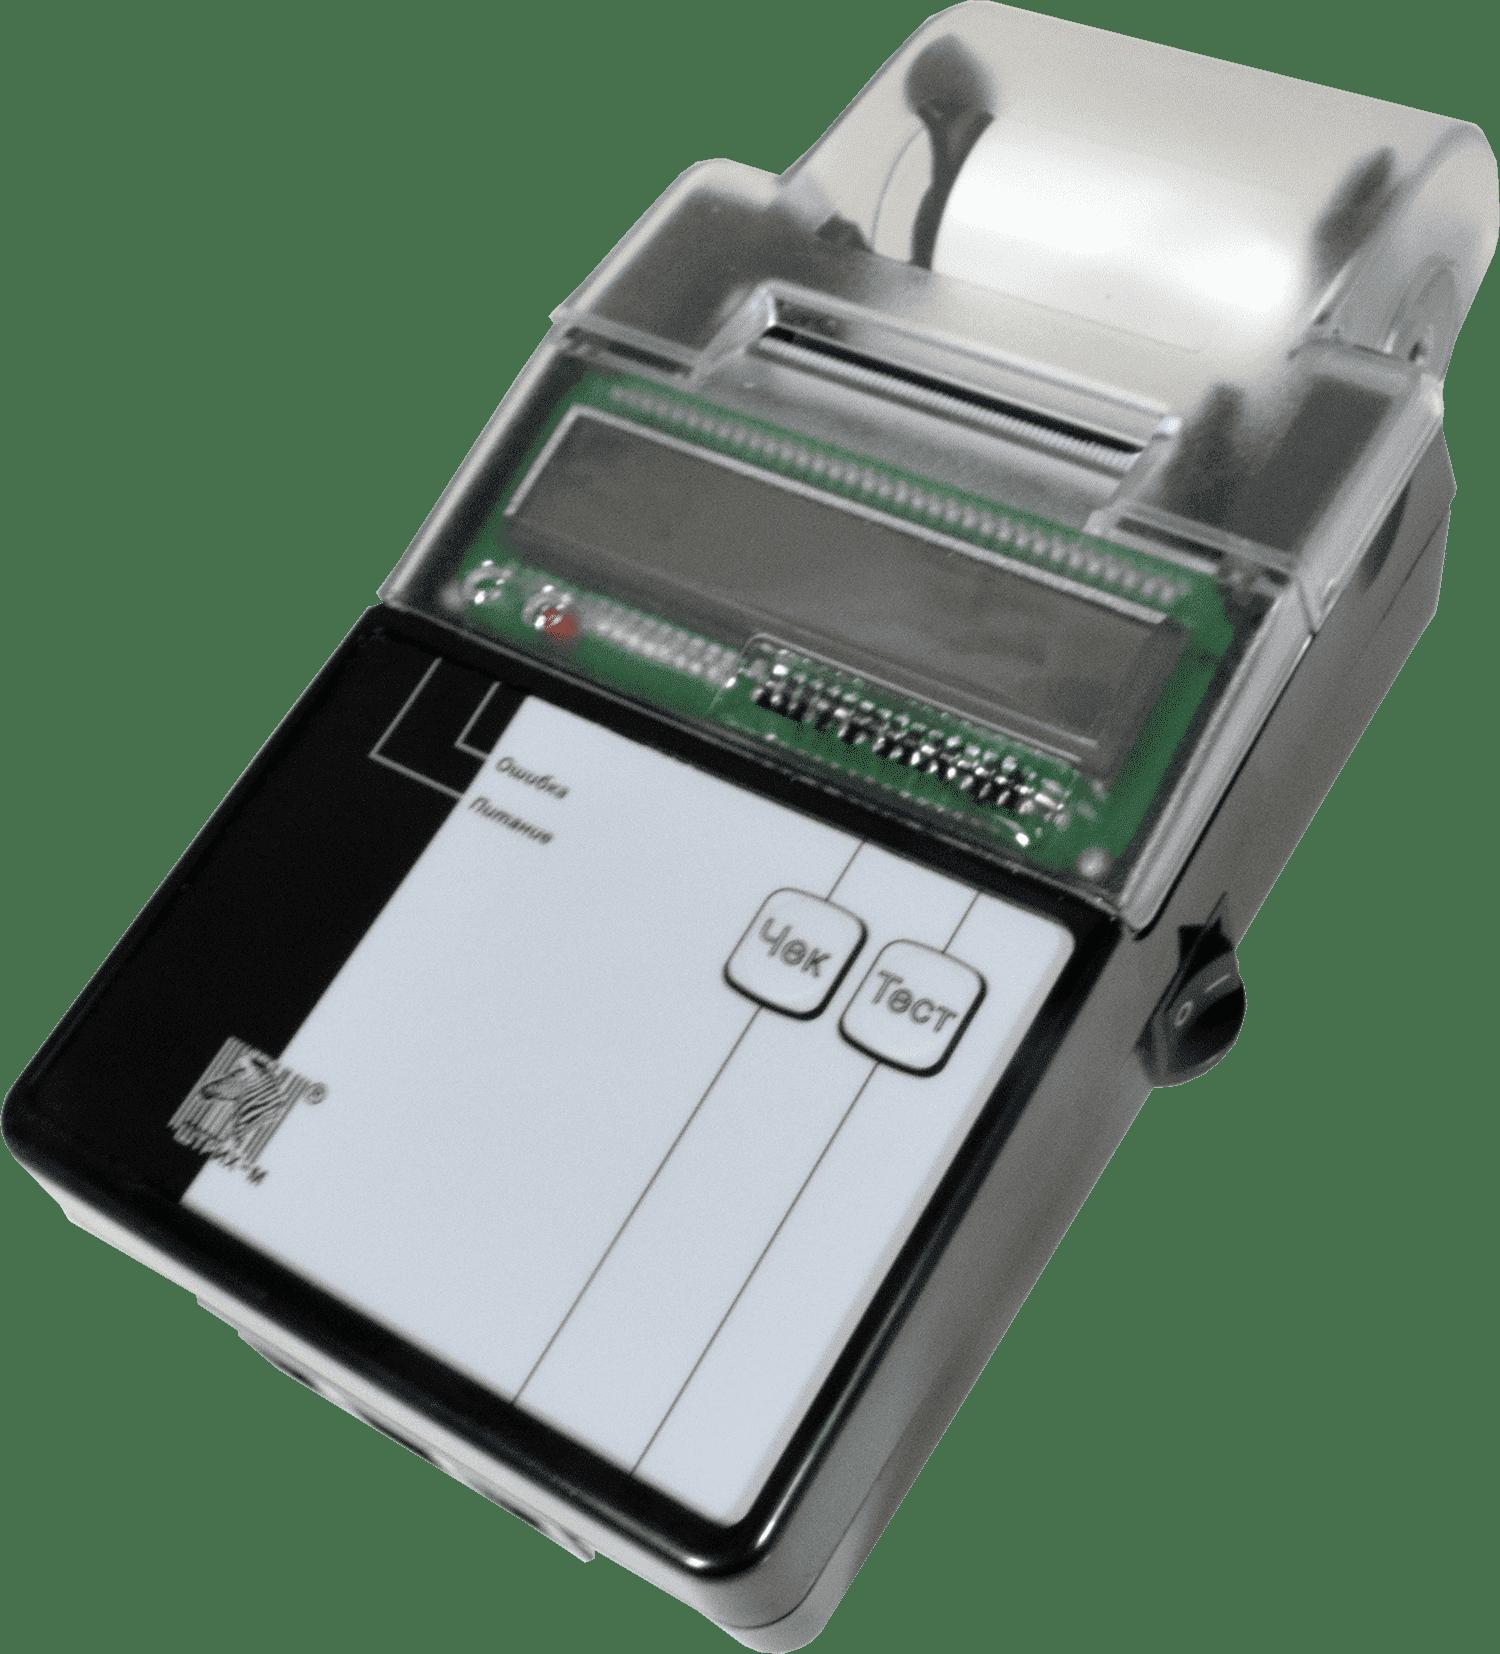 Fprint 55К Инструкция Налогового Инспектора